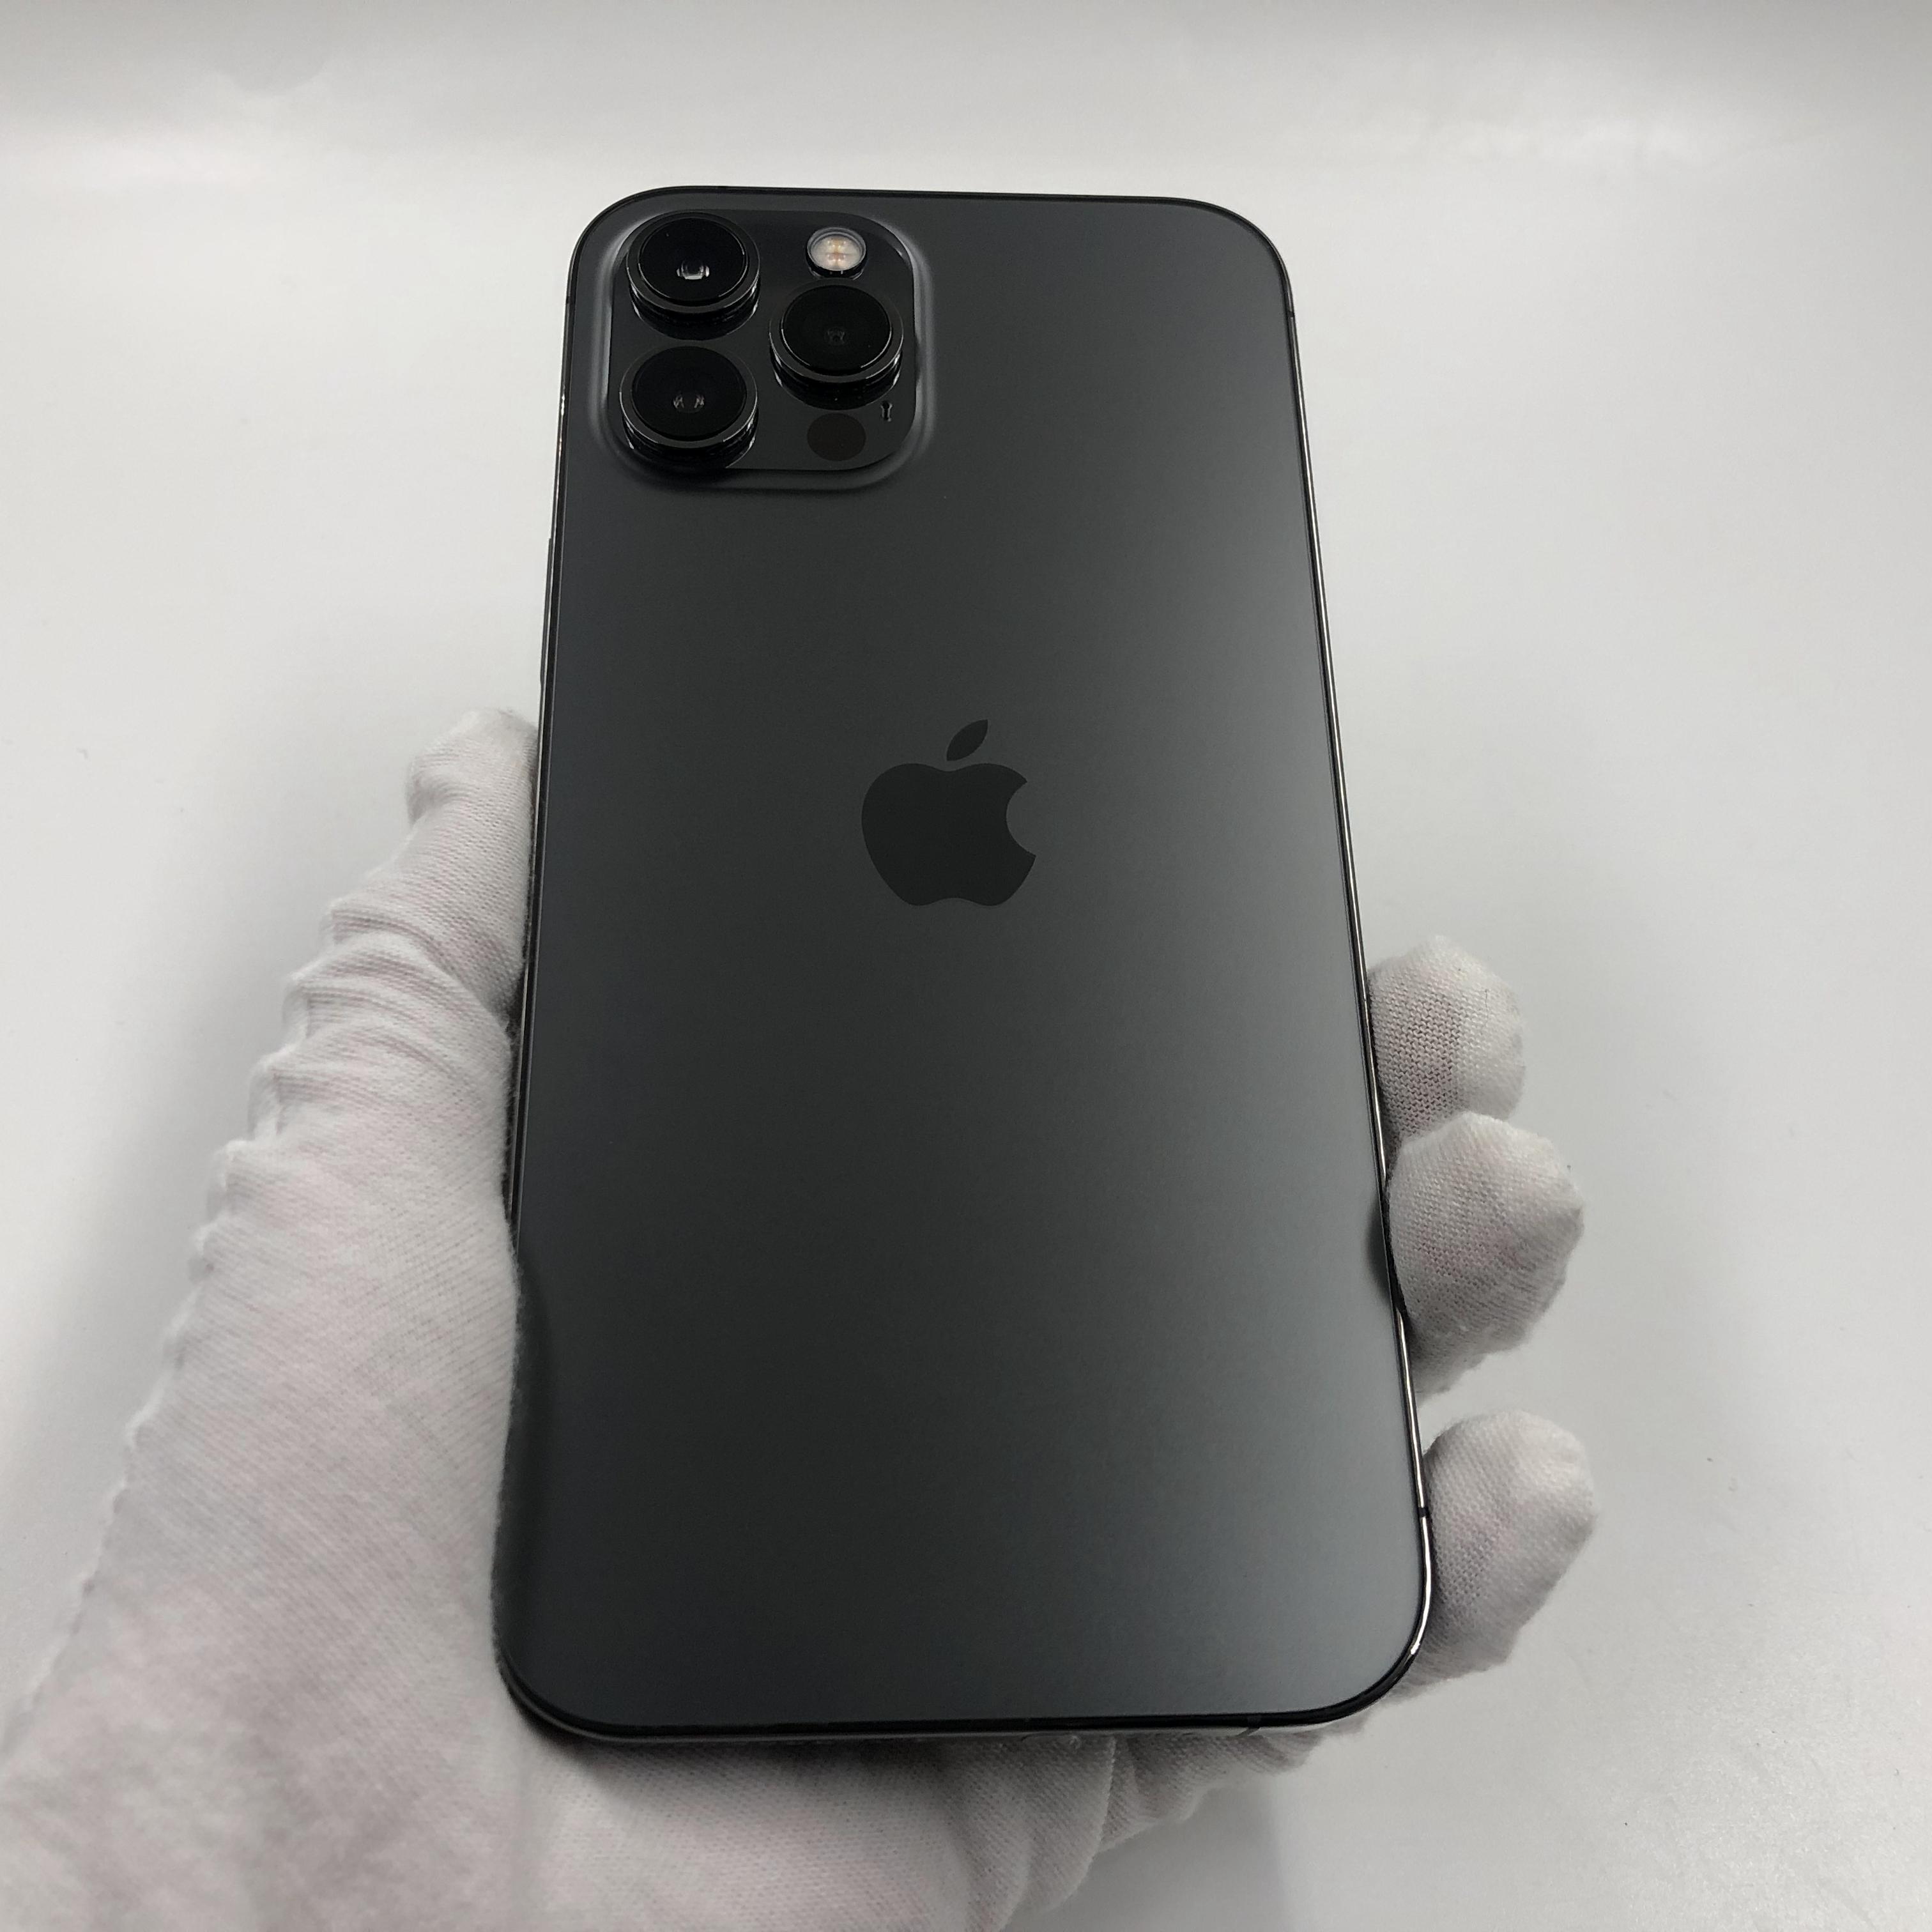 苹果【iPhone 12 Pro Max】5G全网通 石墨色 256G 国行 95新 真机实拍保修2022-01-25